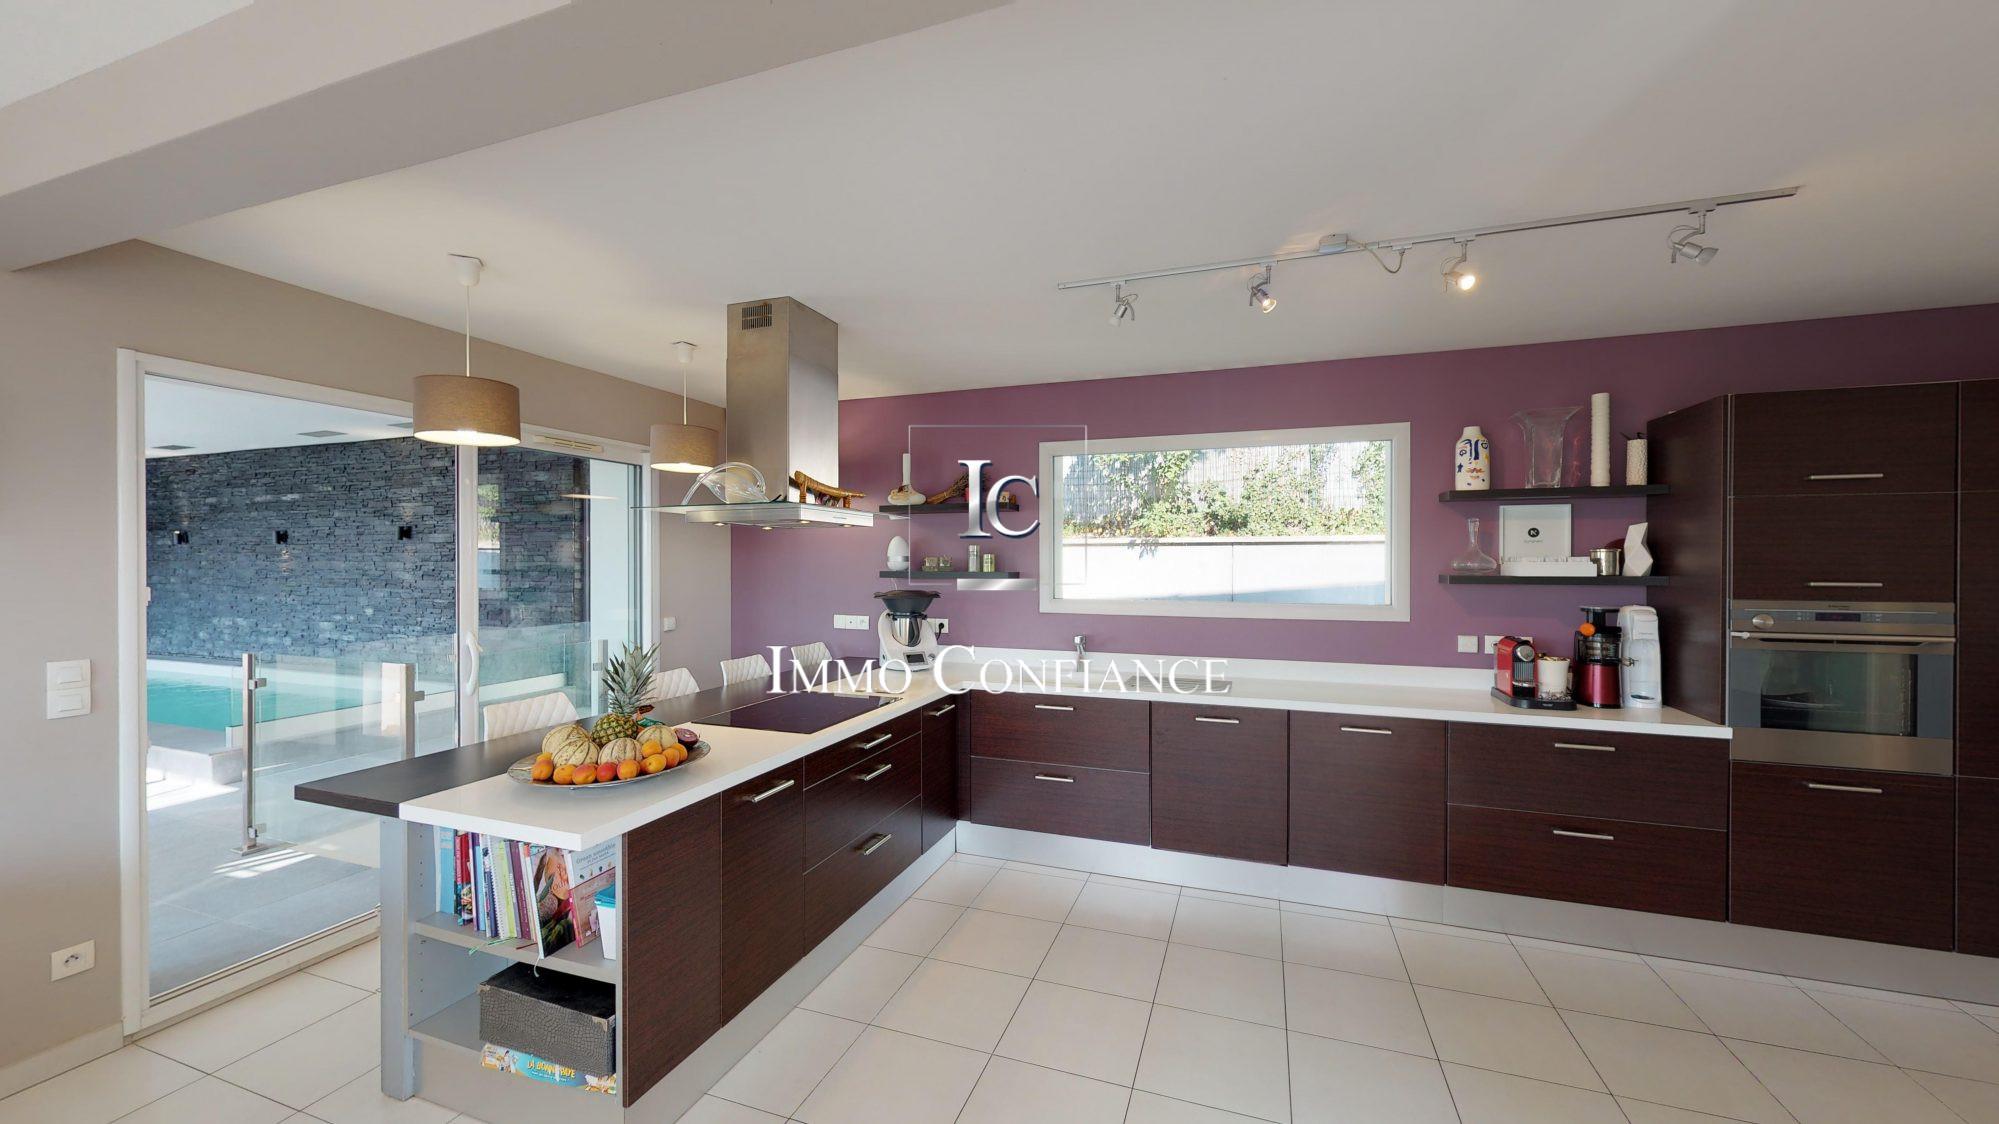 A Vendre Maison Contemporaine 7 Pieces Situee A Crozet 01170